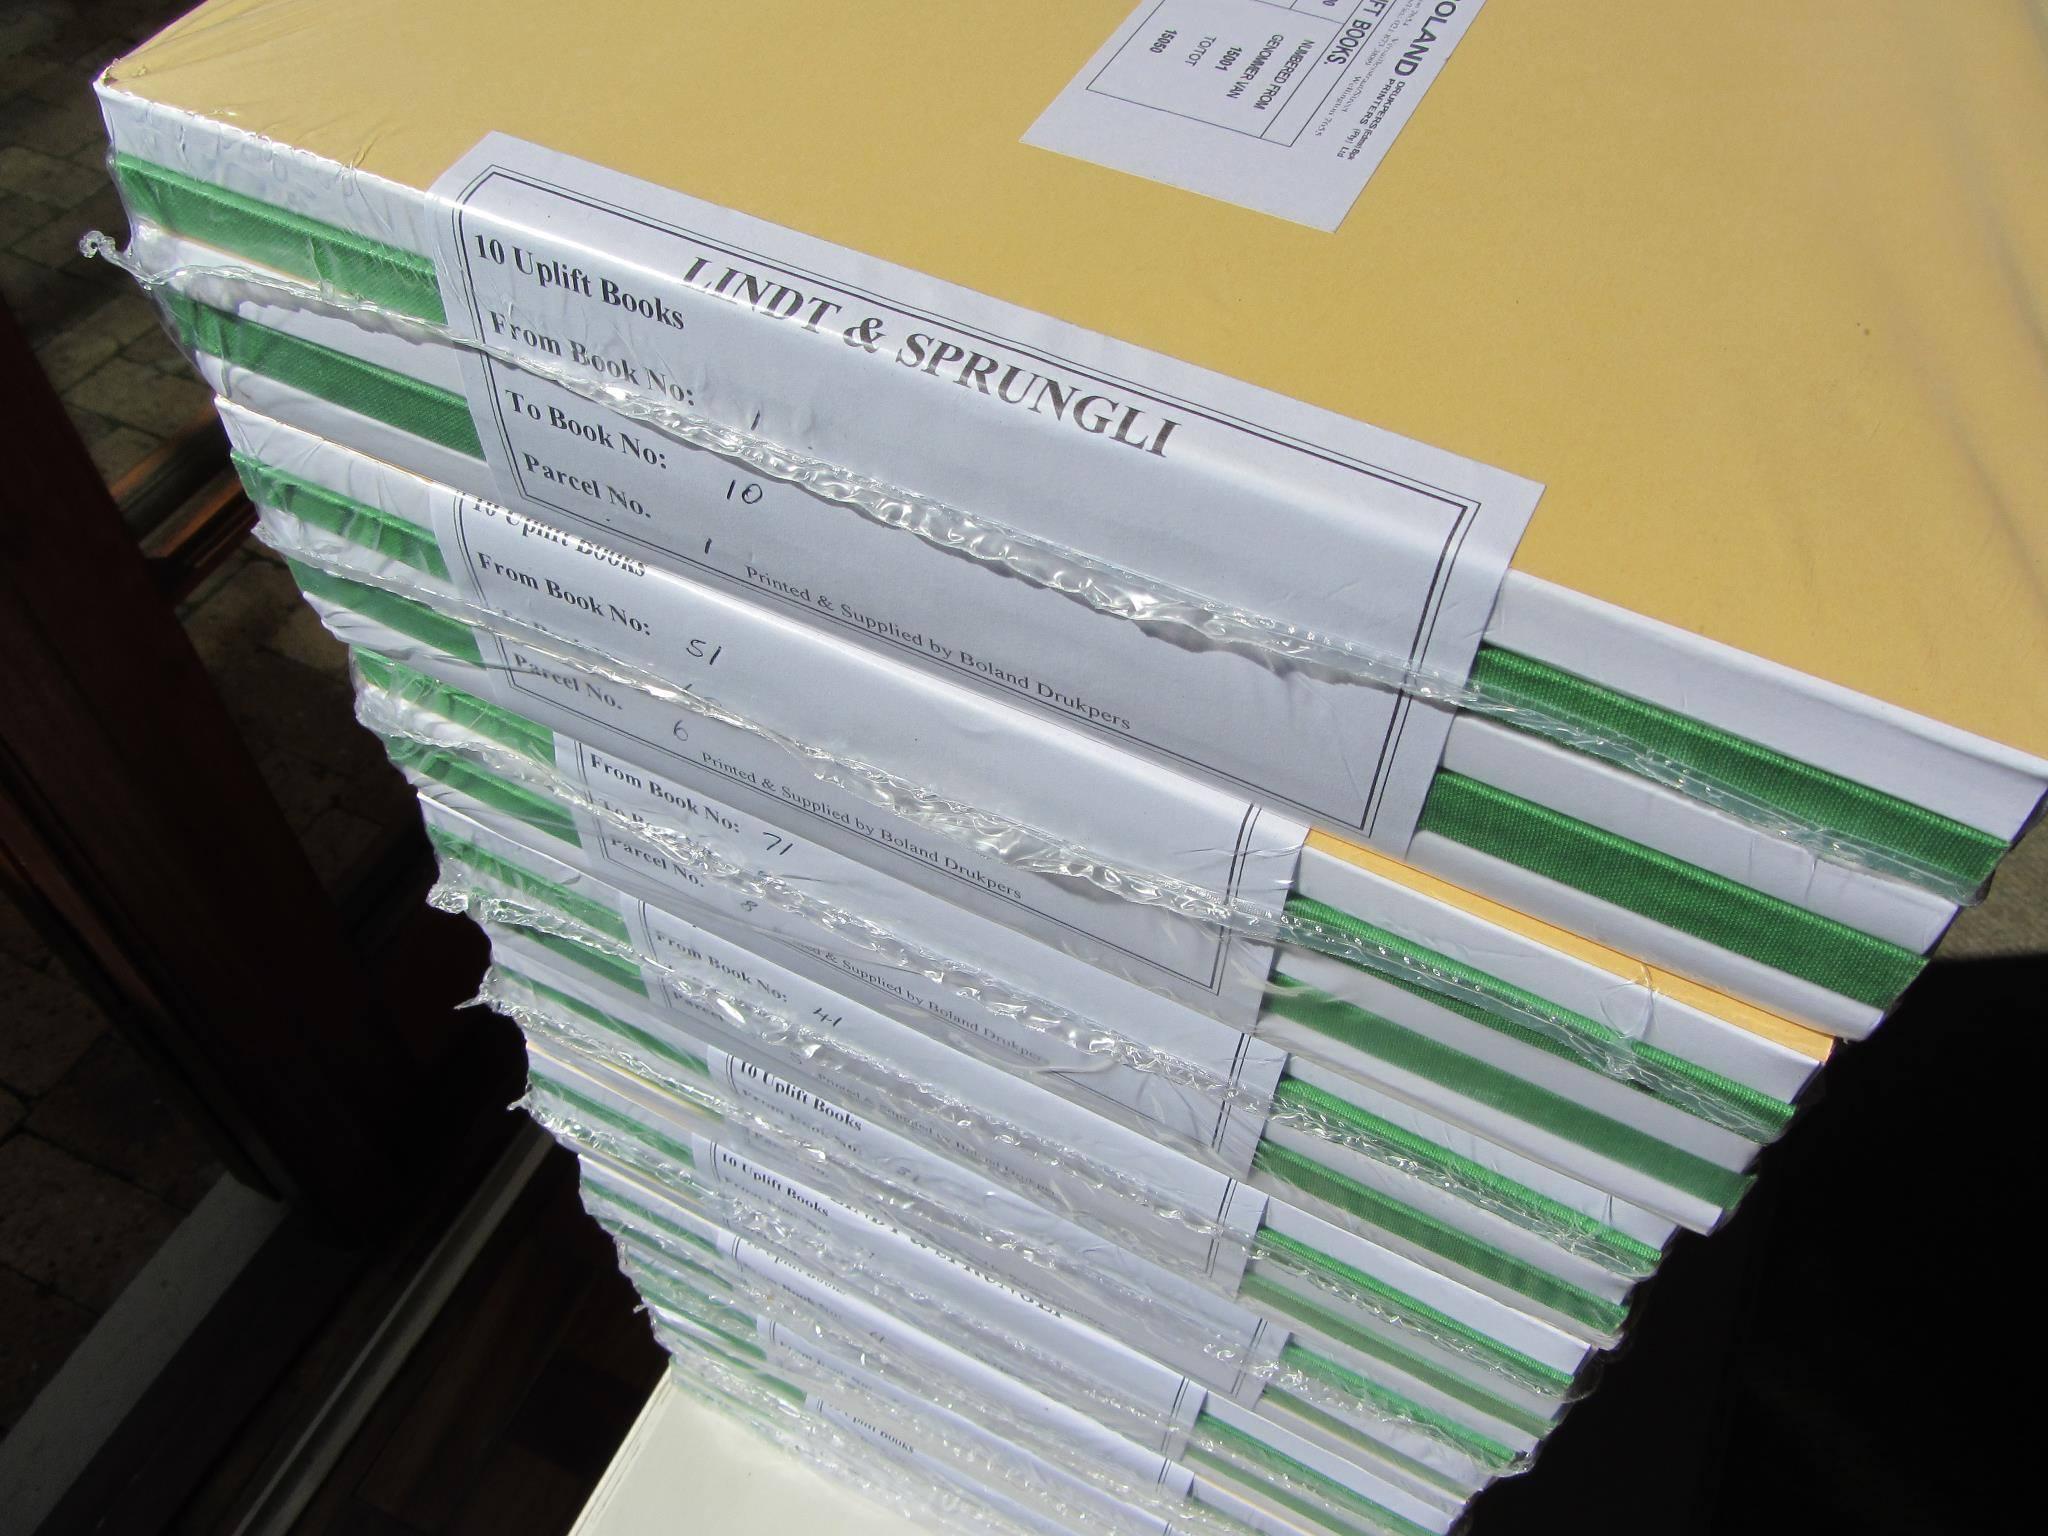 Lindt & Sprüngli Drucksachen bereit zur Auslieferung